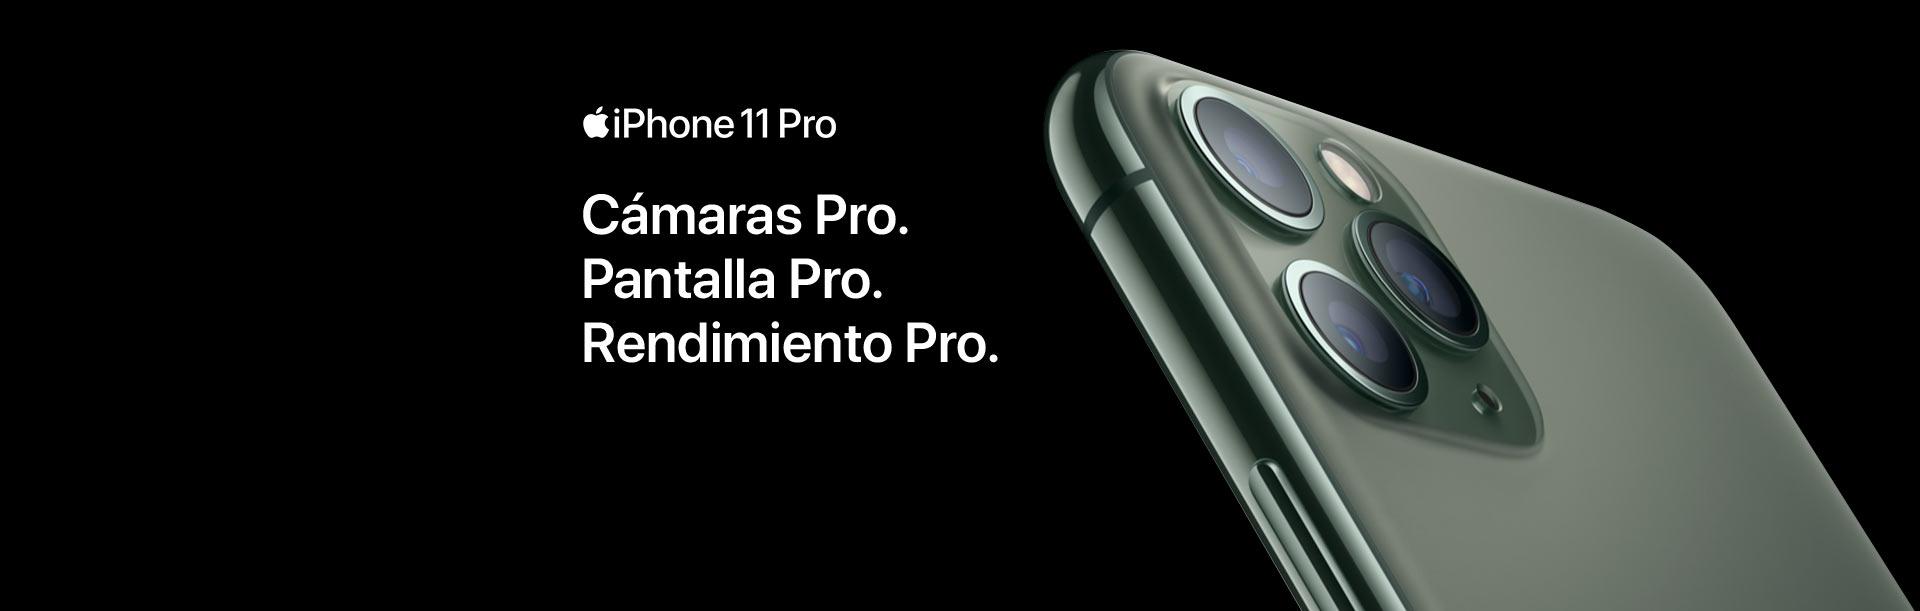 Compra ya el nuevo iPhone 11 Pro y descubre todo lo que te ofrece